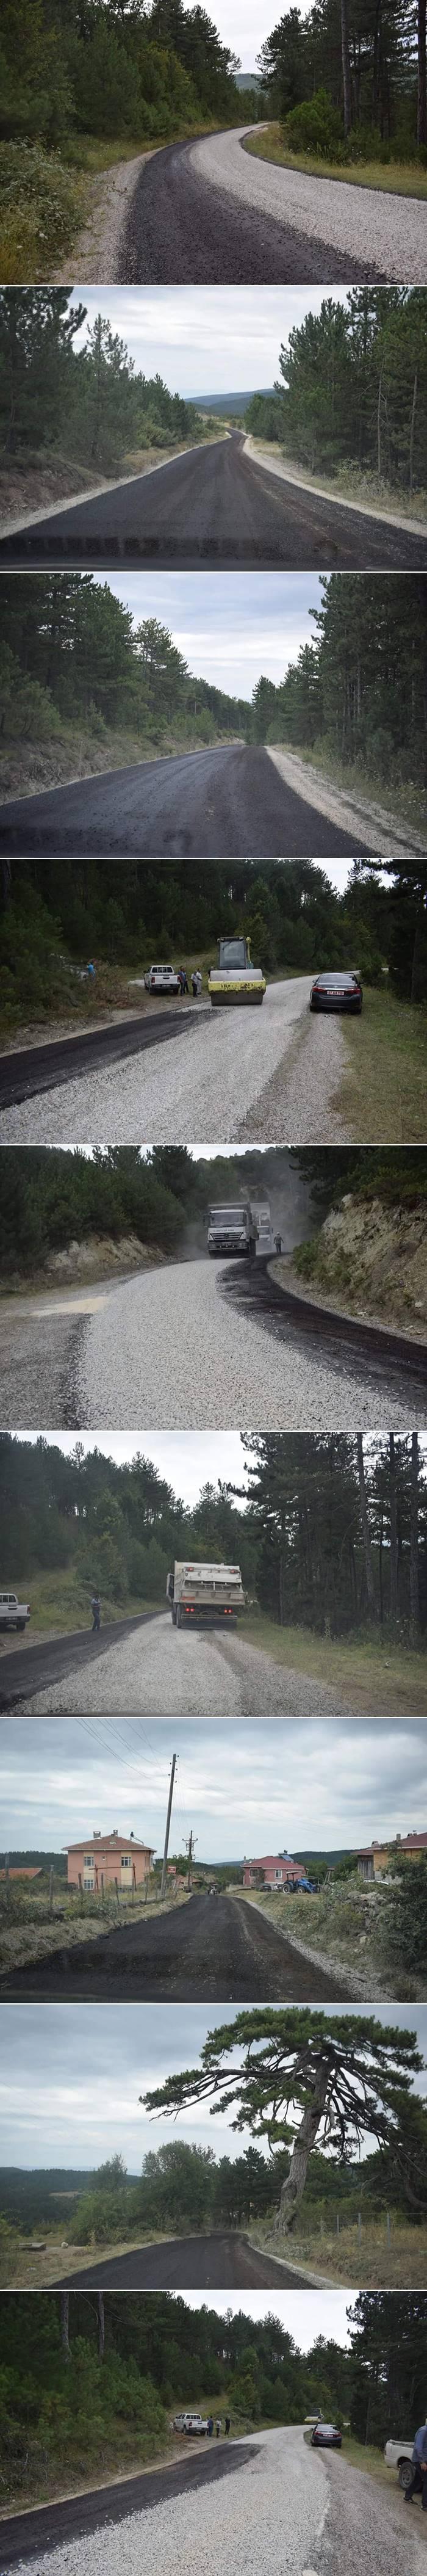 Killik-Terziahmetli-Taşhanlı köy grup yolu 4.8 km 1. kat asfalt tamamlanmıştır.